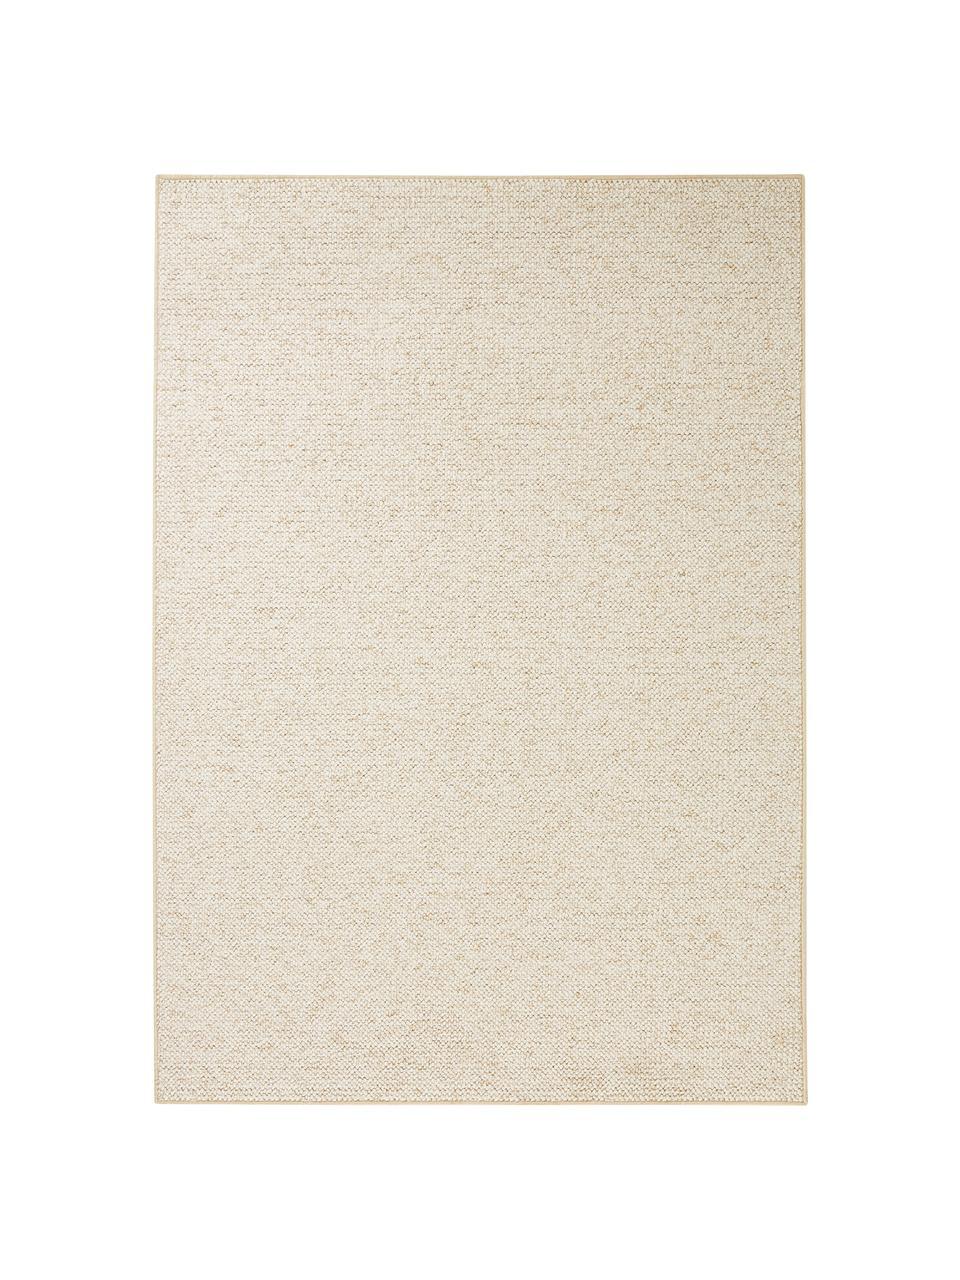 Teppich Lyon mit Schlingen-Flor, Flor: 100% Polypropylen Rücken, Creme, melangiert, B 160 x L 240 cm (Größe M)